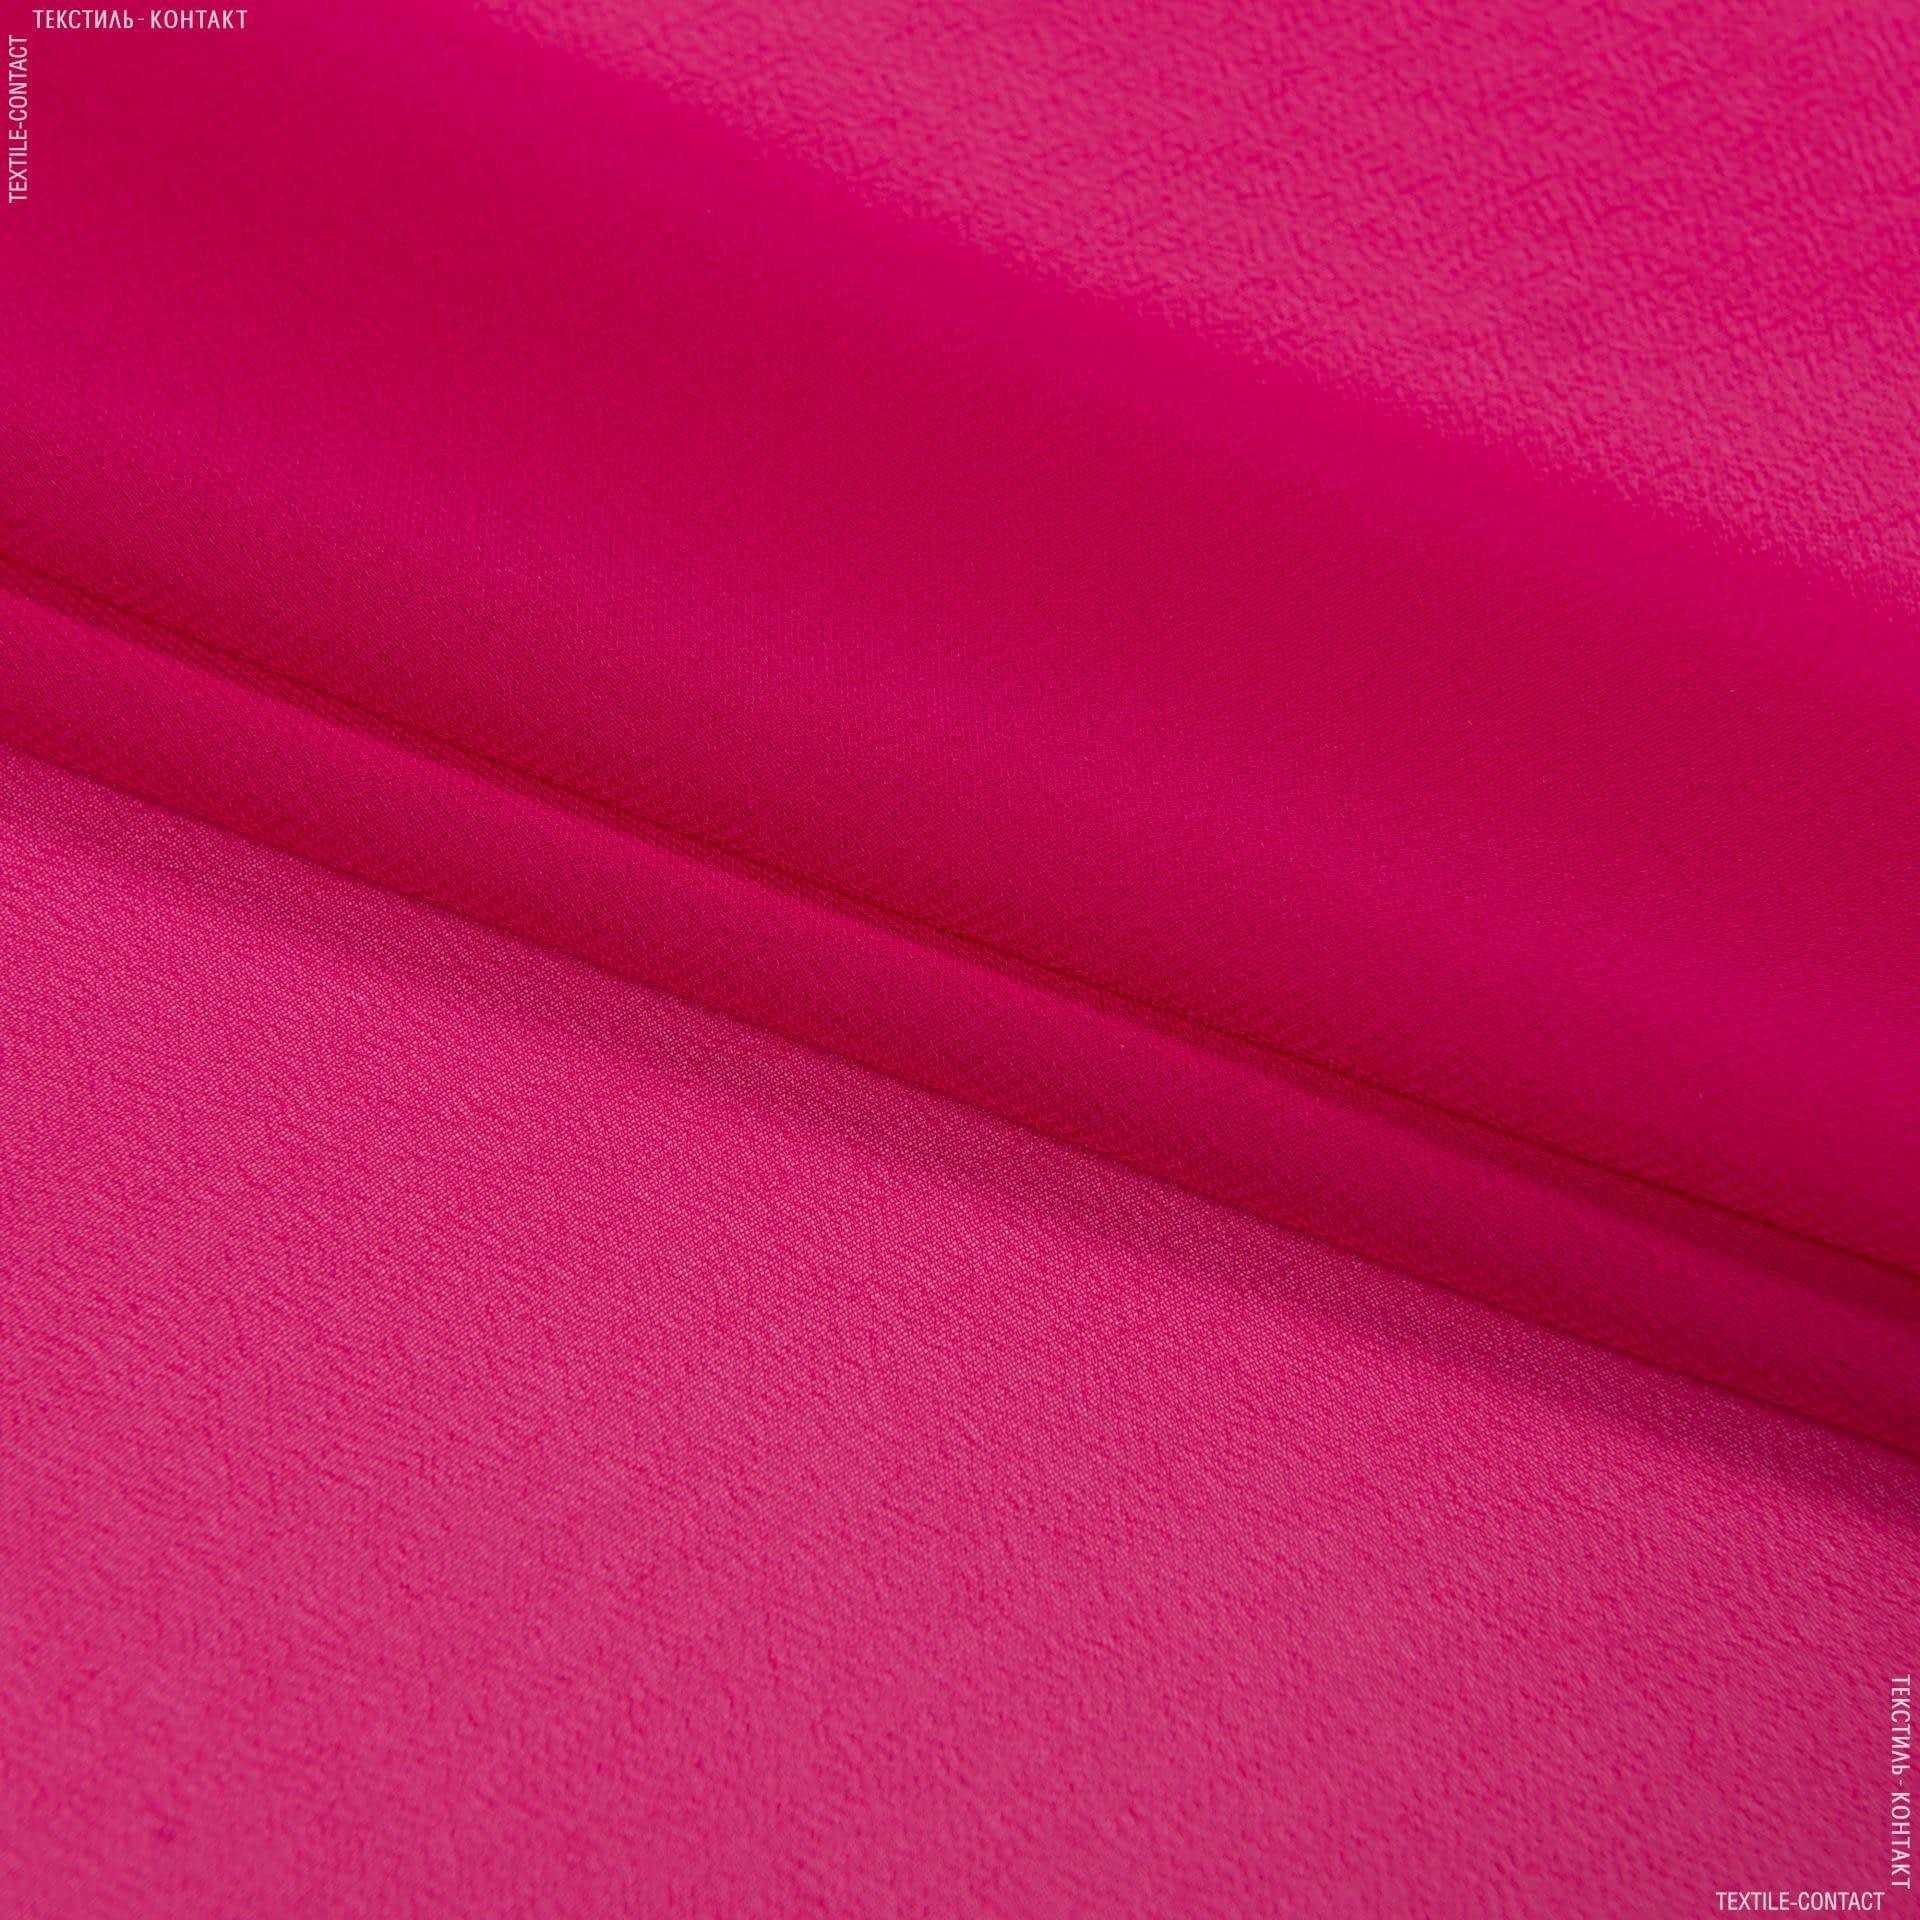 Ткани для платков и бандан - Шифон мульти темно-малиновый